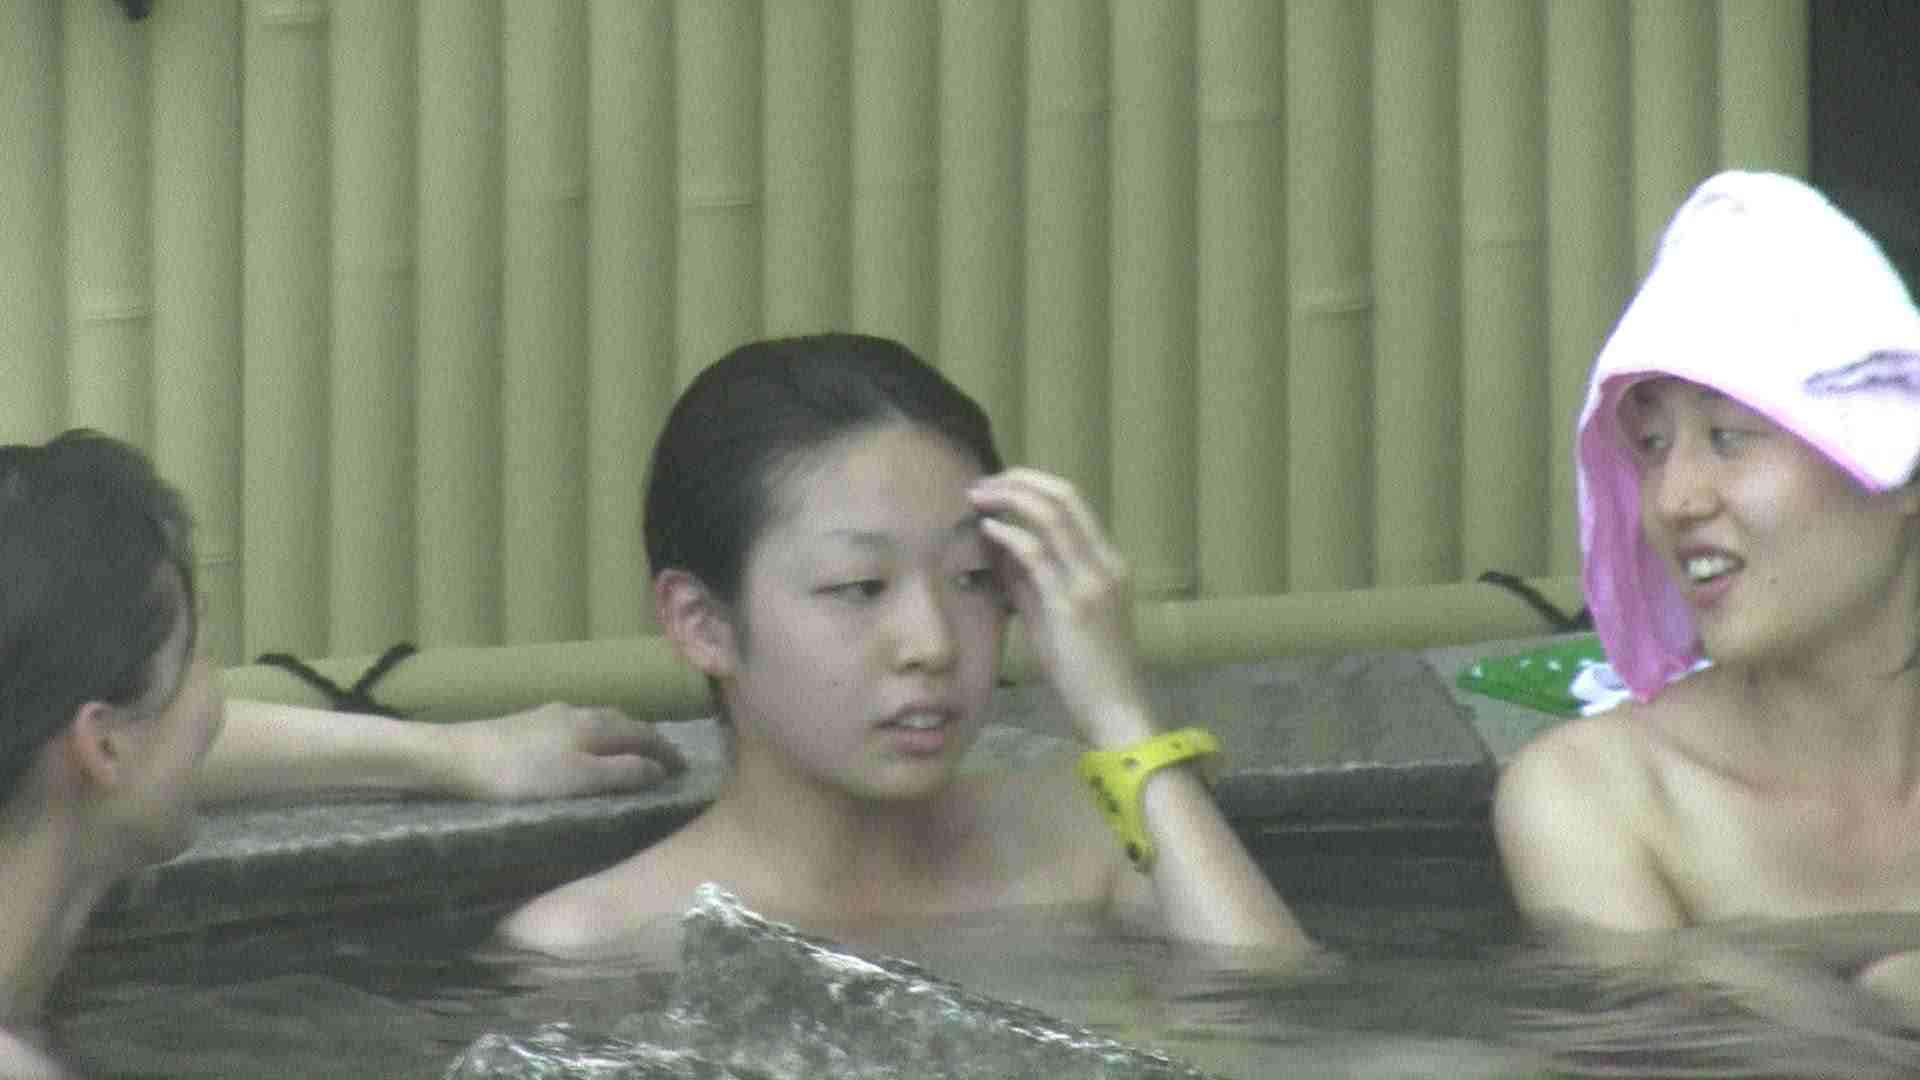 Aquaな露天風呂Vol.195 OL  67pic 47